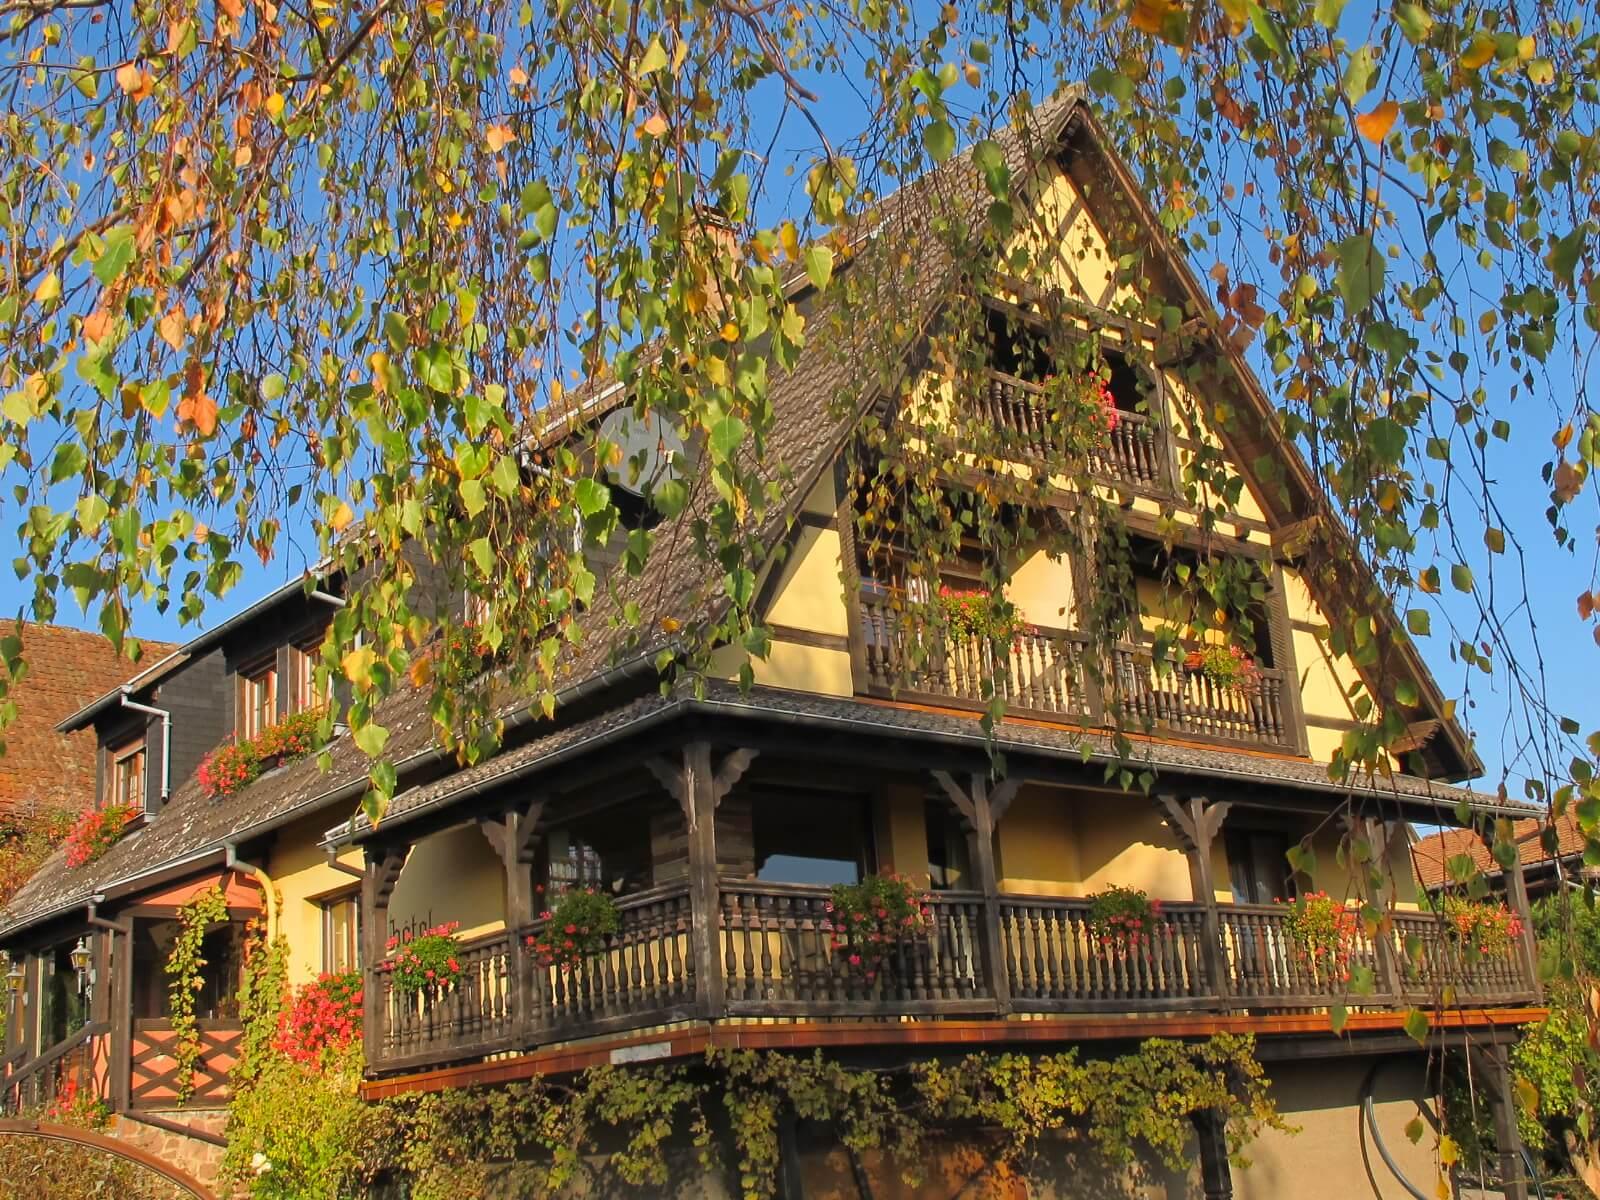 Hôtel Restaurant 'Emmebuckel Faller'